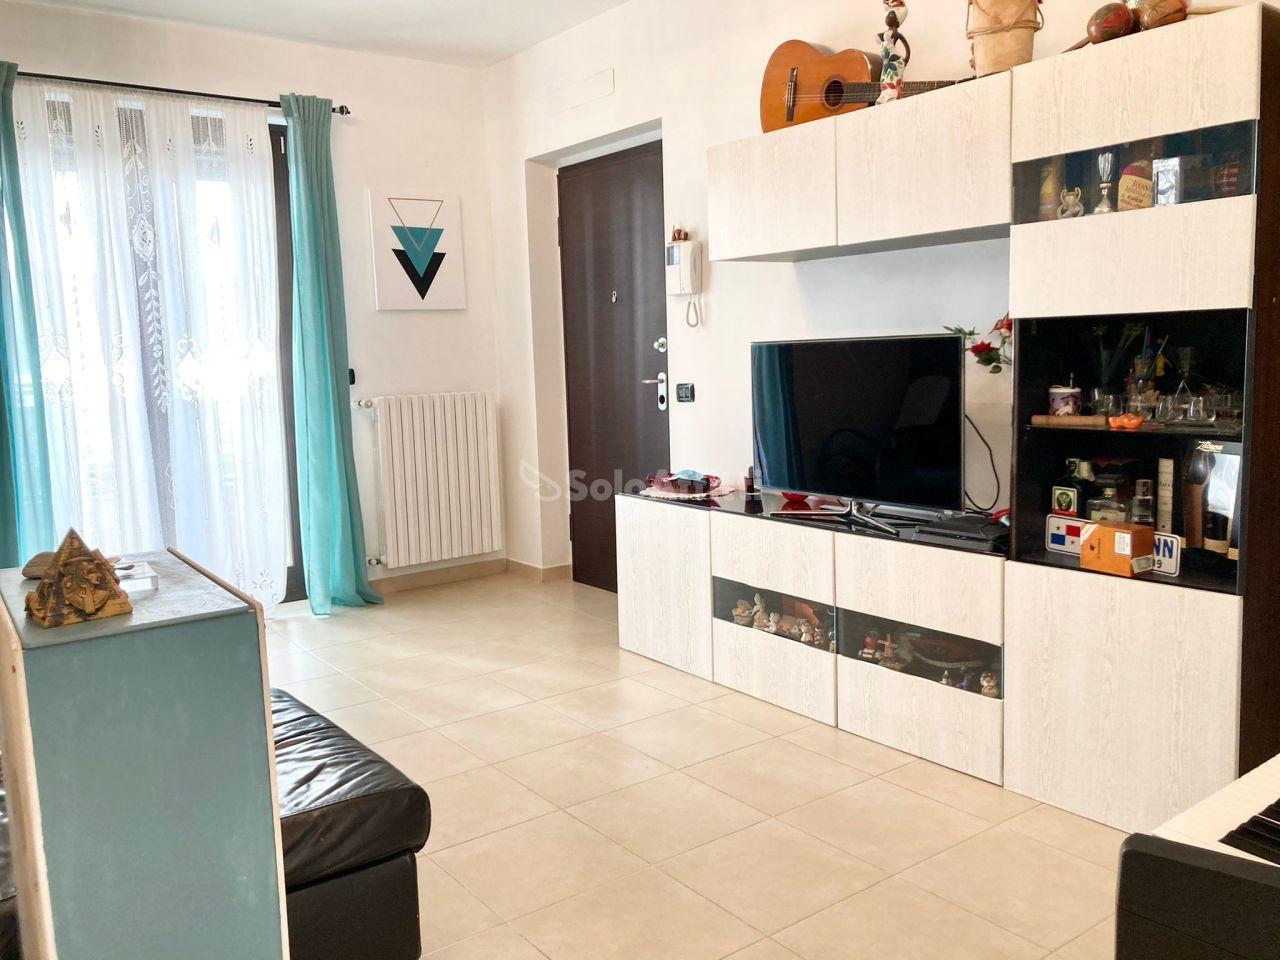 Appartamento in affitto a Casamassima (BA)